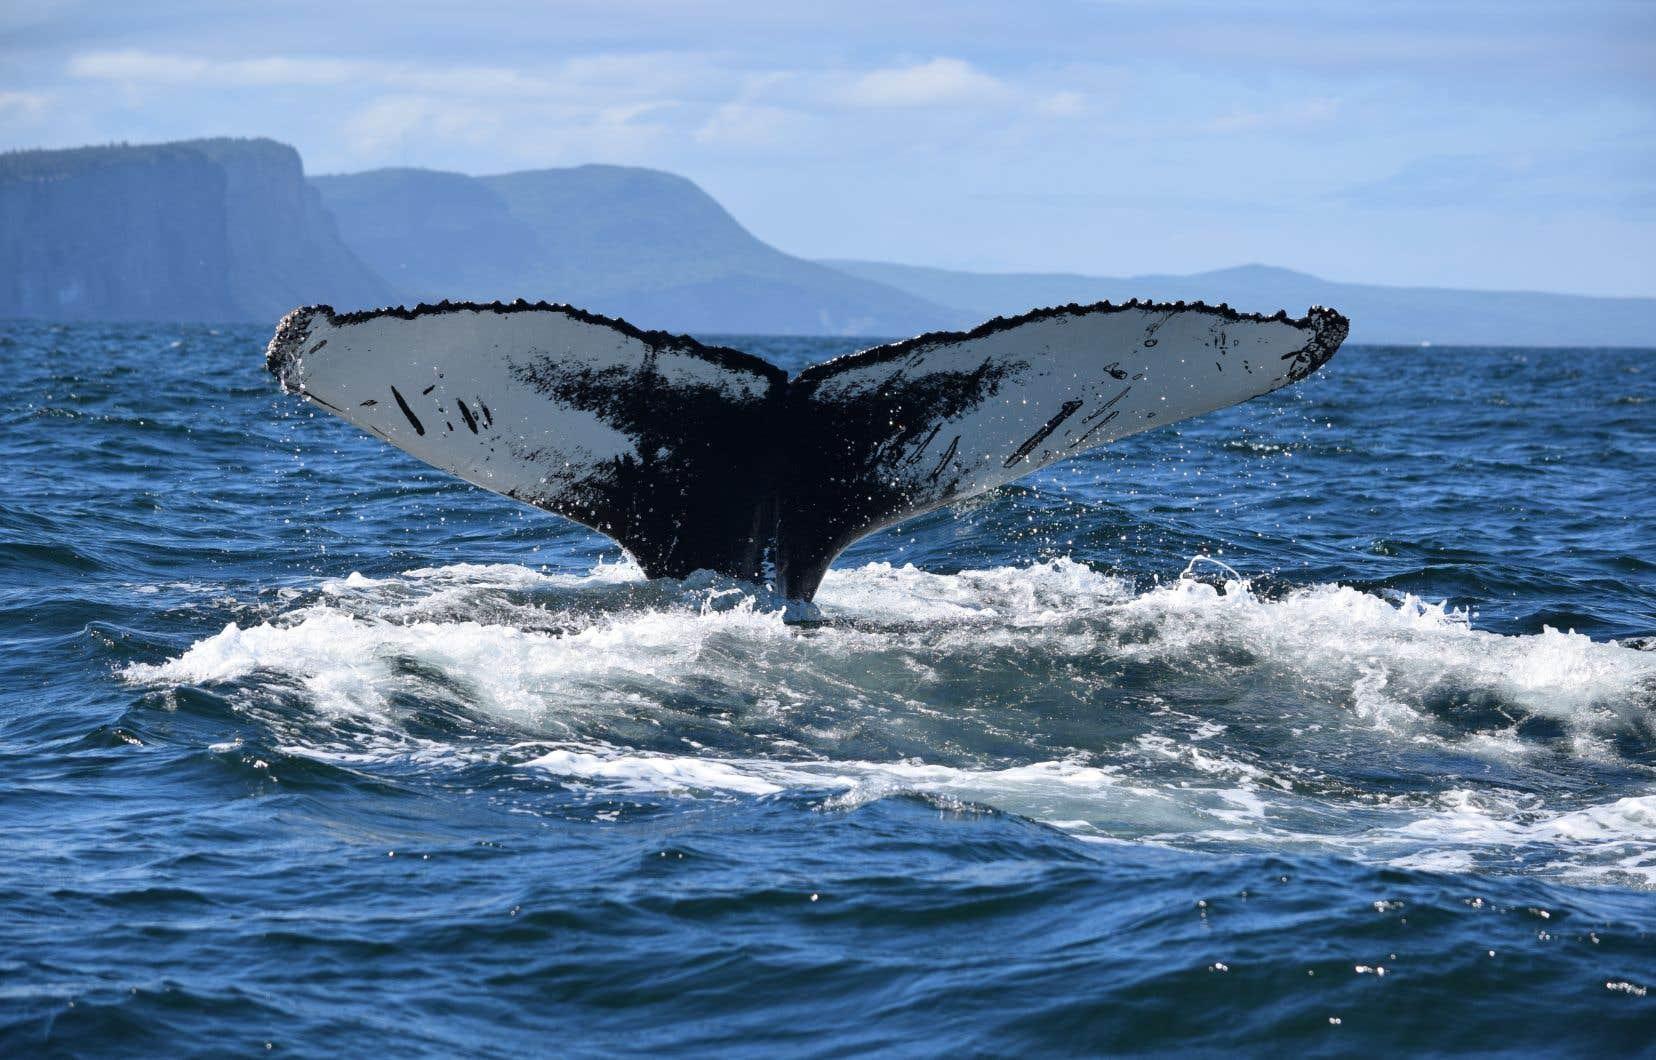 Le fédéral a décrété jeudi une zone protégée au sud de Terre-Neuve reconnue comme un couloir migratoire pour plusieurs espèces, dont la baleine à bosse.